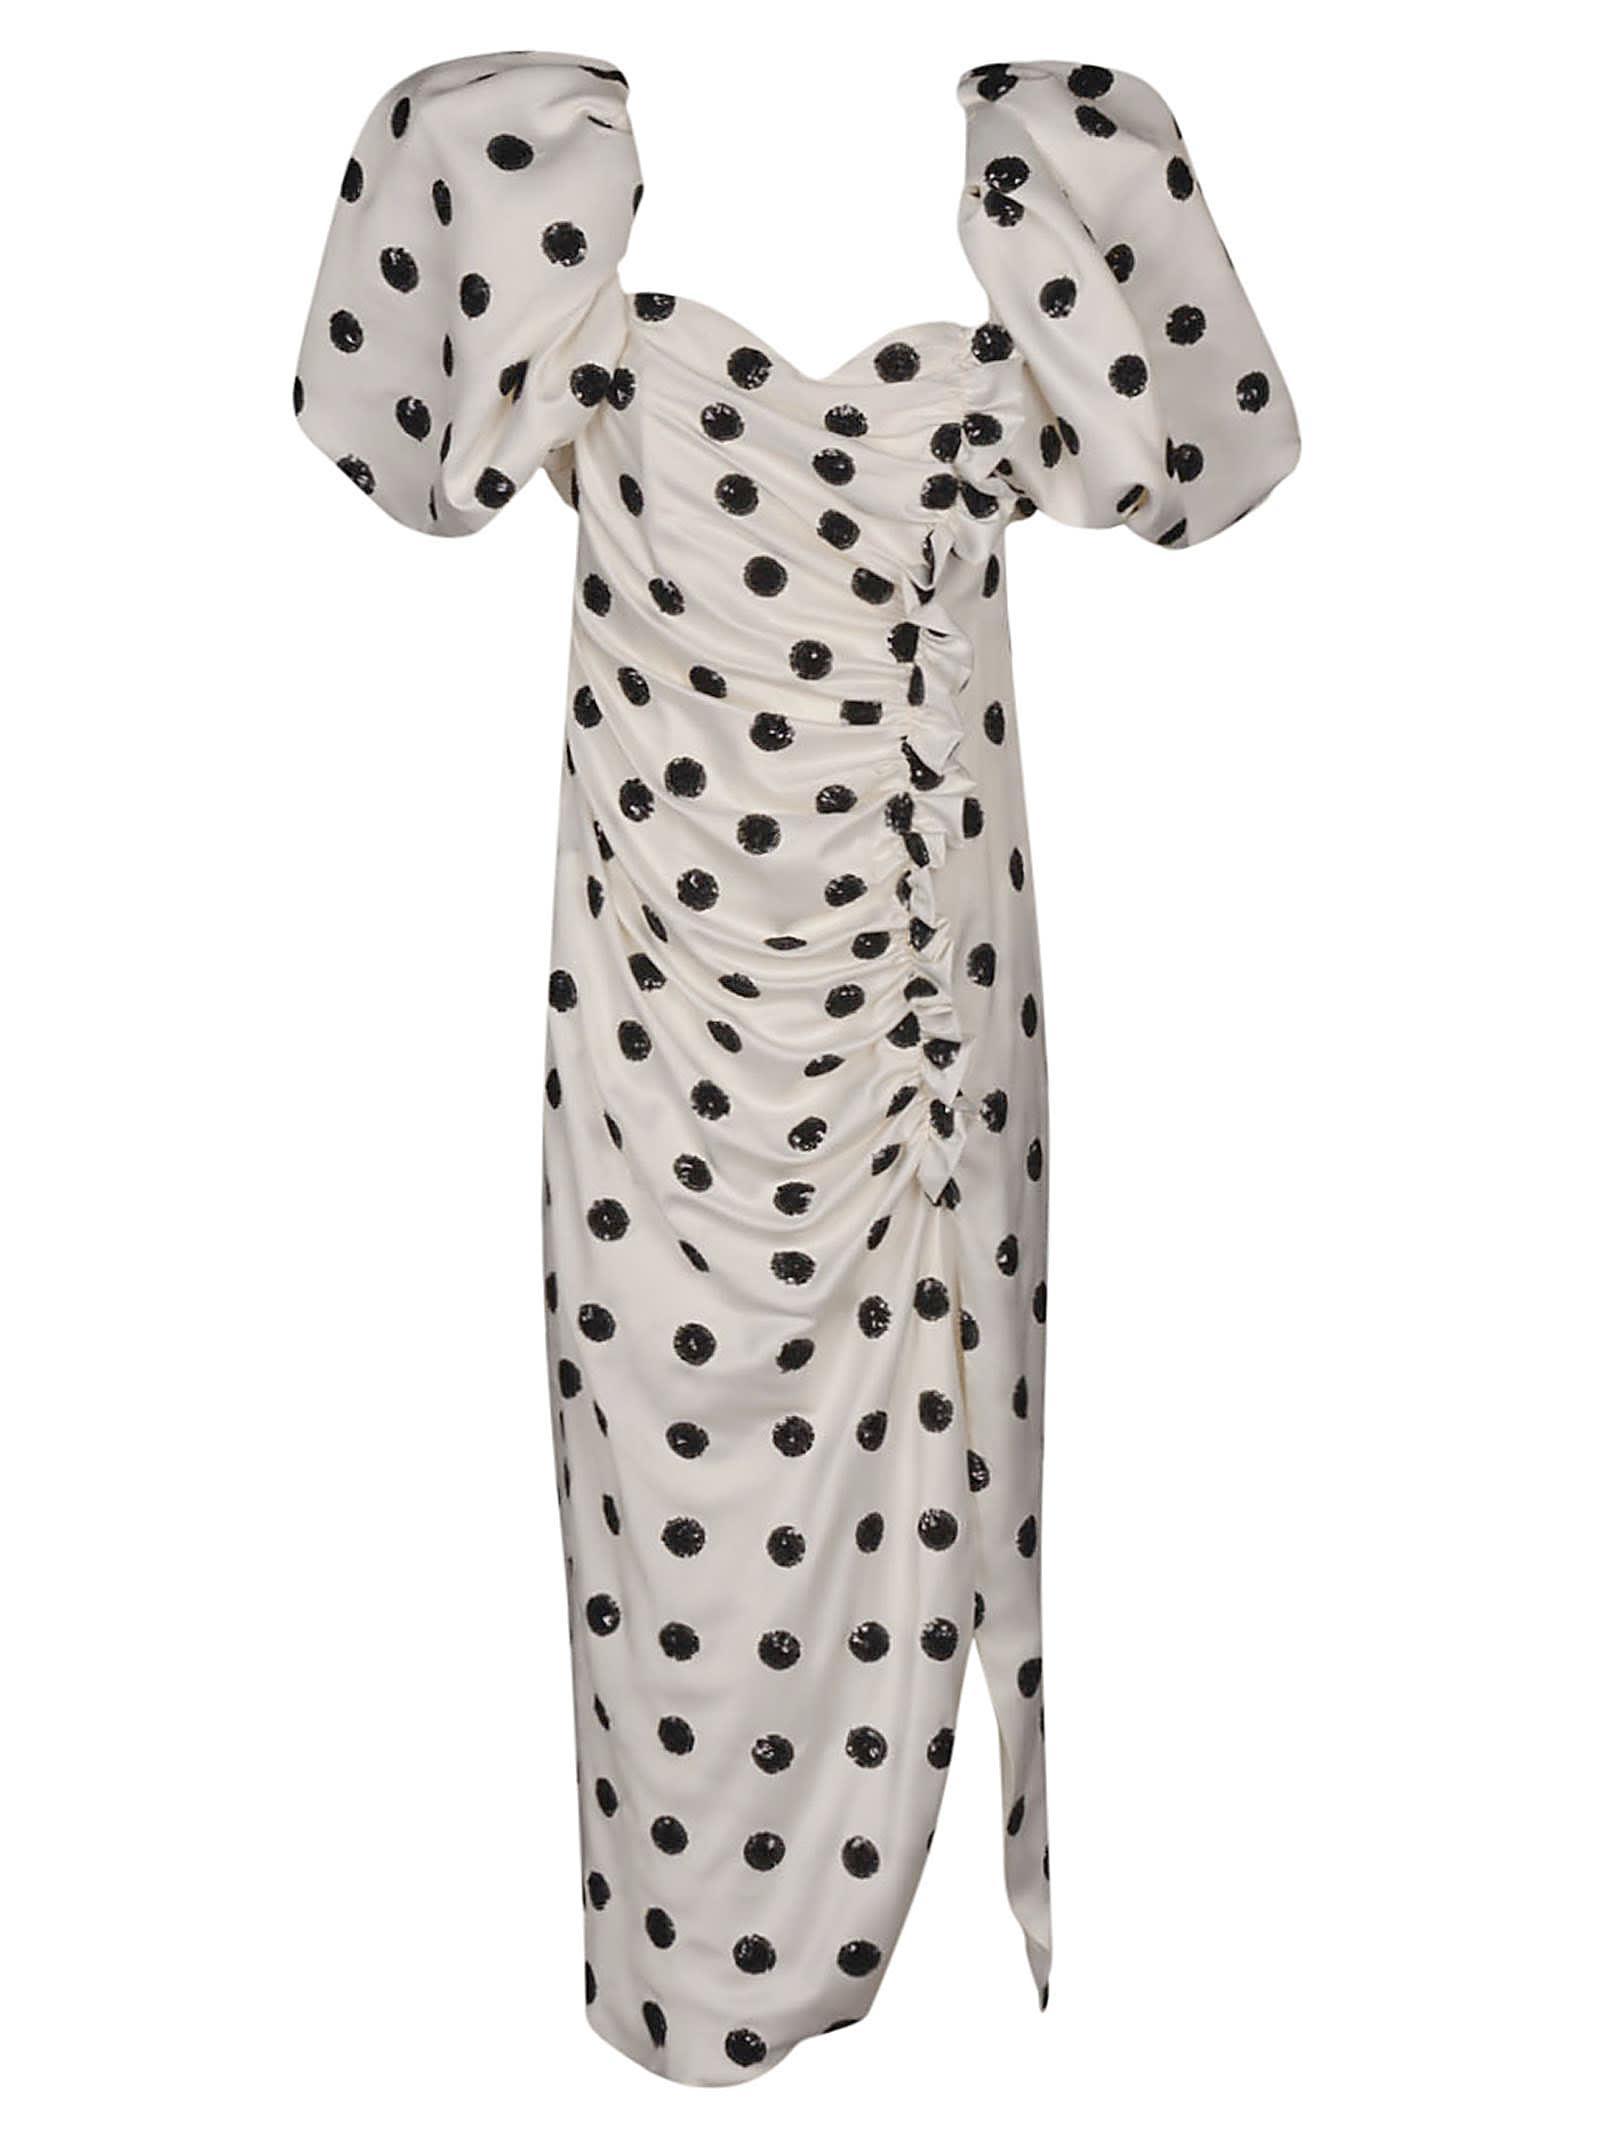 Buy Giuseppe di Morabito Polka-dot Dress online, shop Giuseppe di Morabito with free shipping